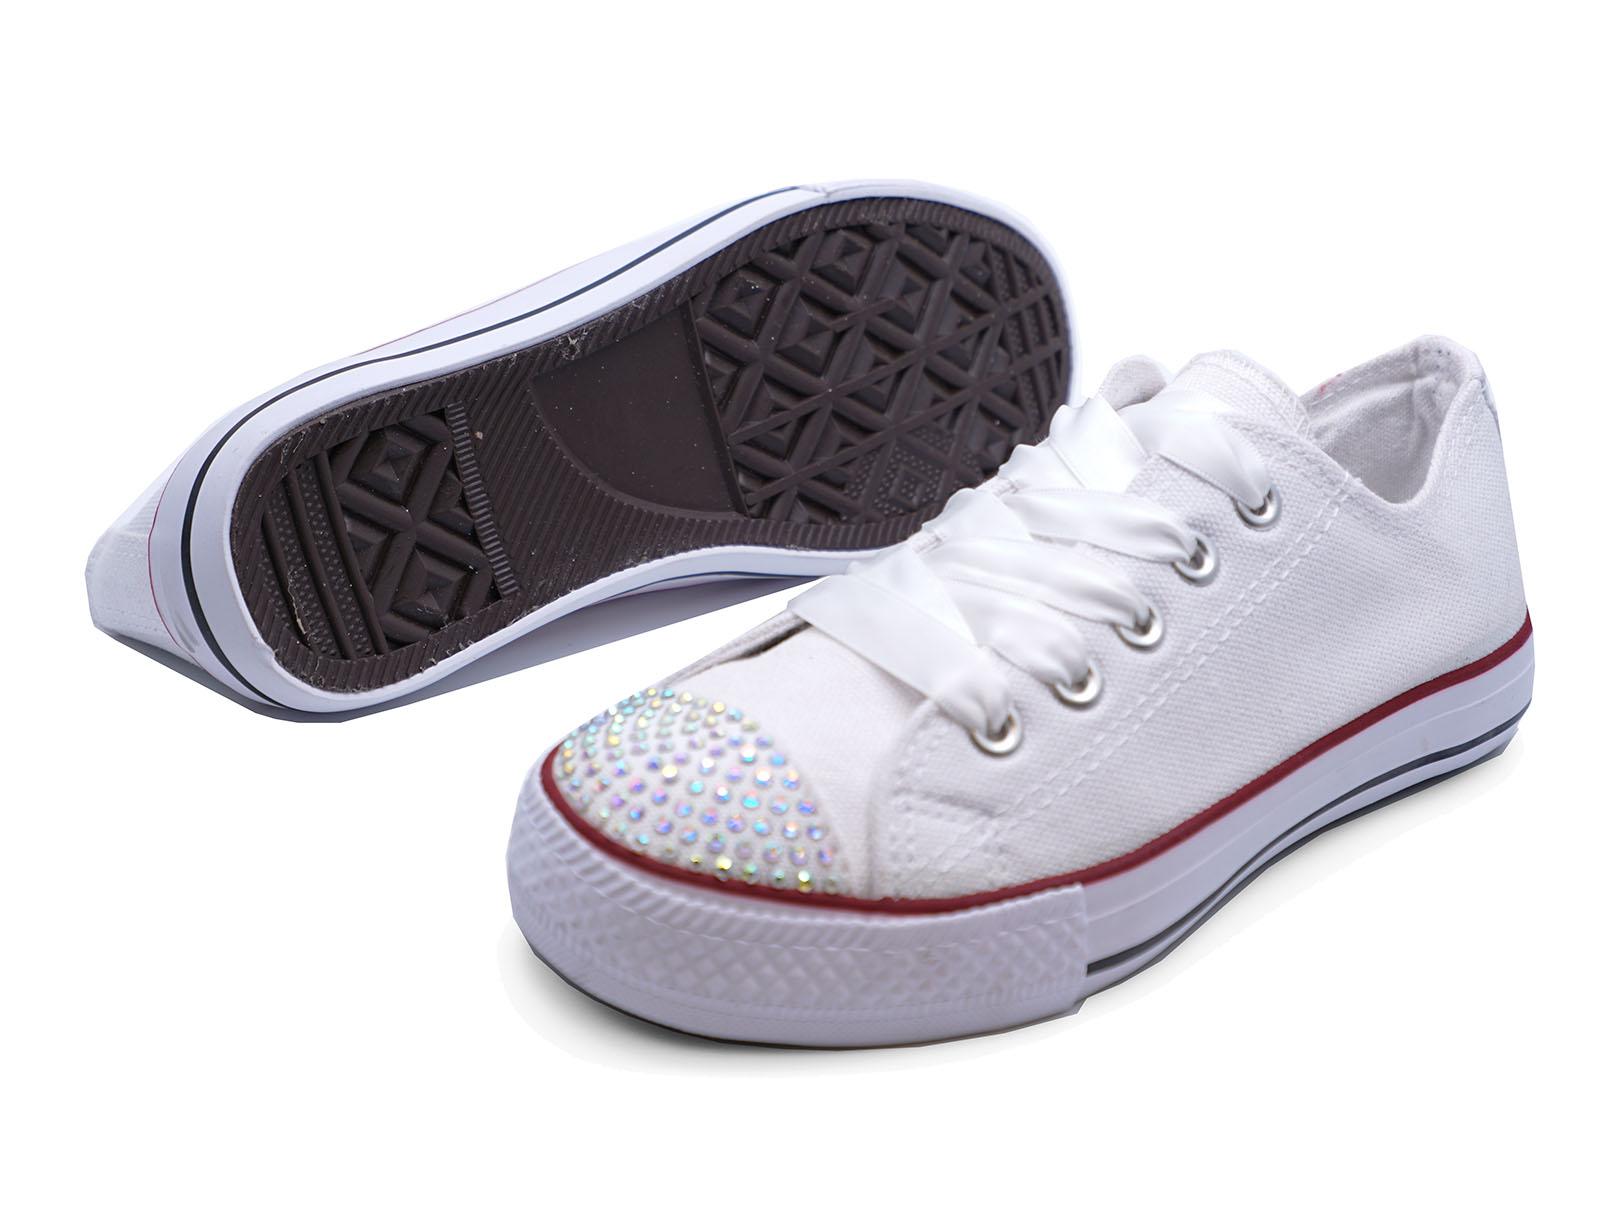 Niños Niñas LONA BLANCA pedrería Con Cordones Zapatillas Planas Zapatos UK 11-3